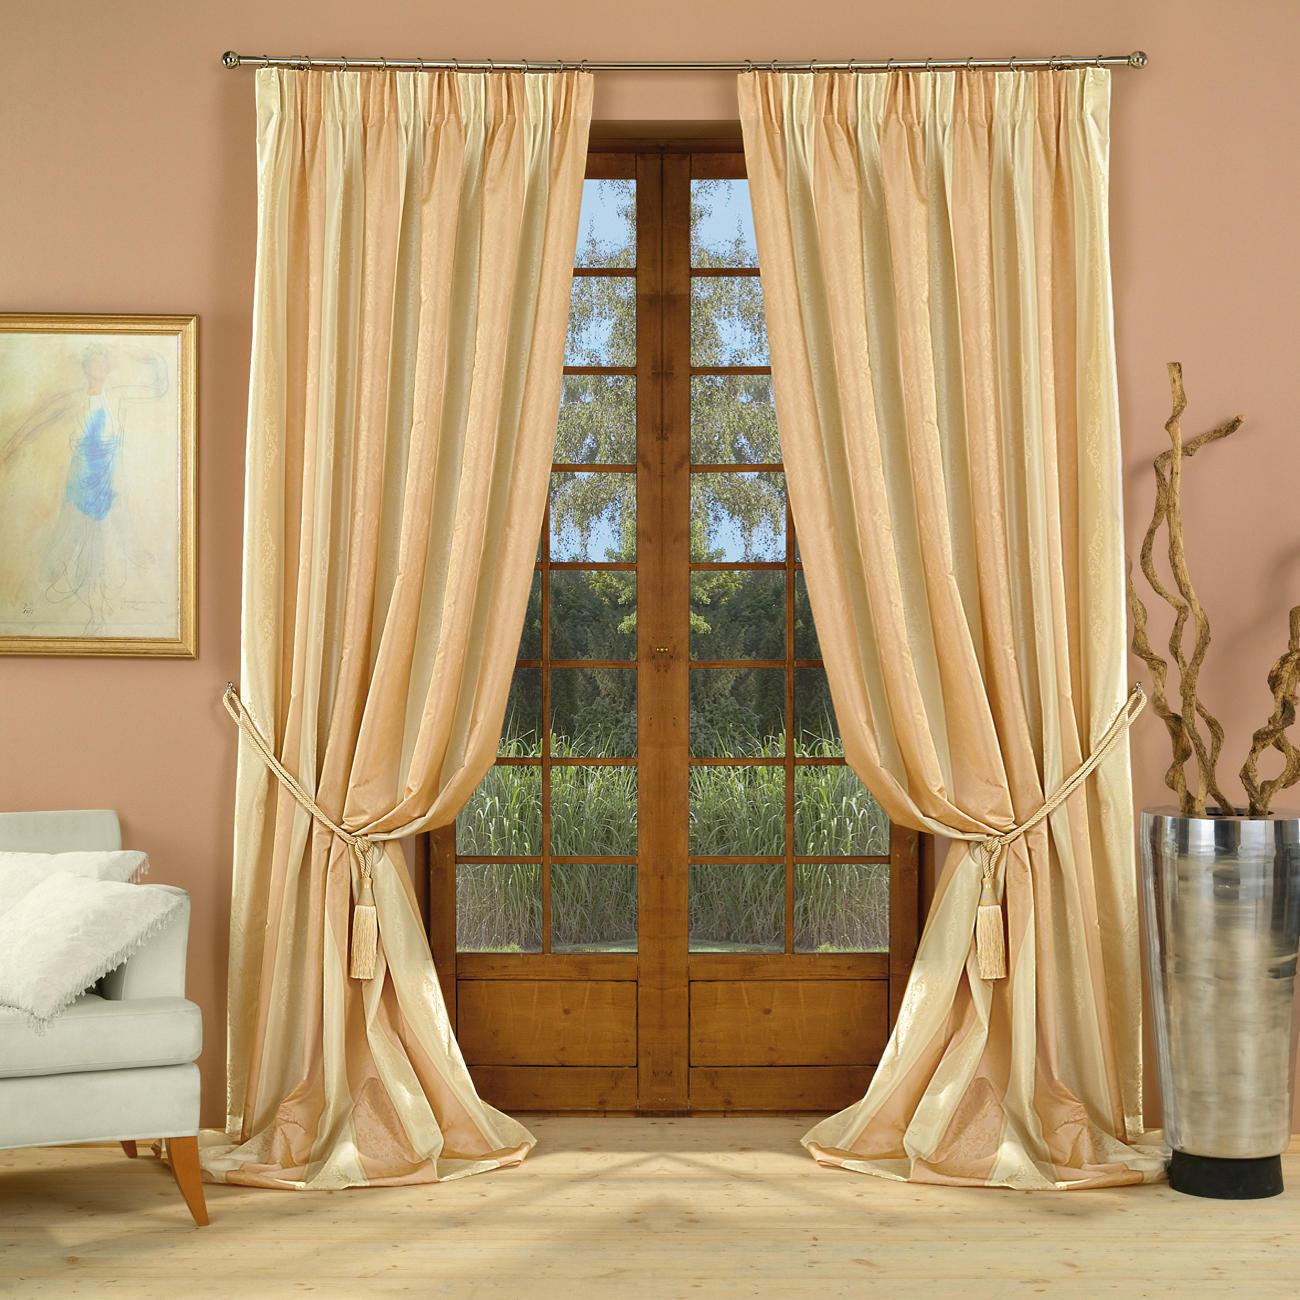 zubehr fr gardinen zubehr with zubehr fr gardinen amazing awesome ideen fr gardinen blumen. Black Bedroom Furniture Sets. Home Design Ideas